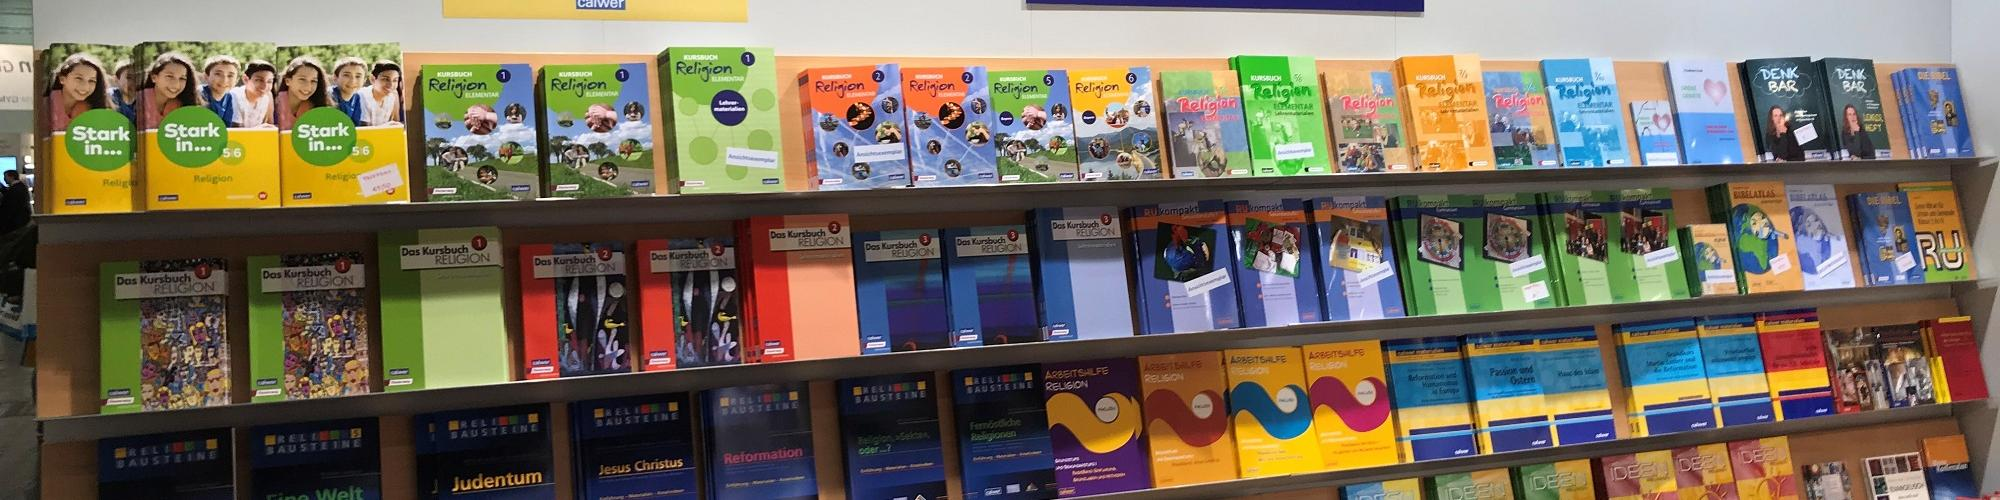 Calwer Verlag Bücher und Medien GmbH